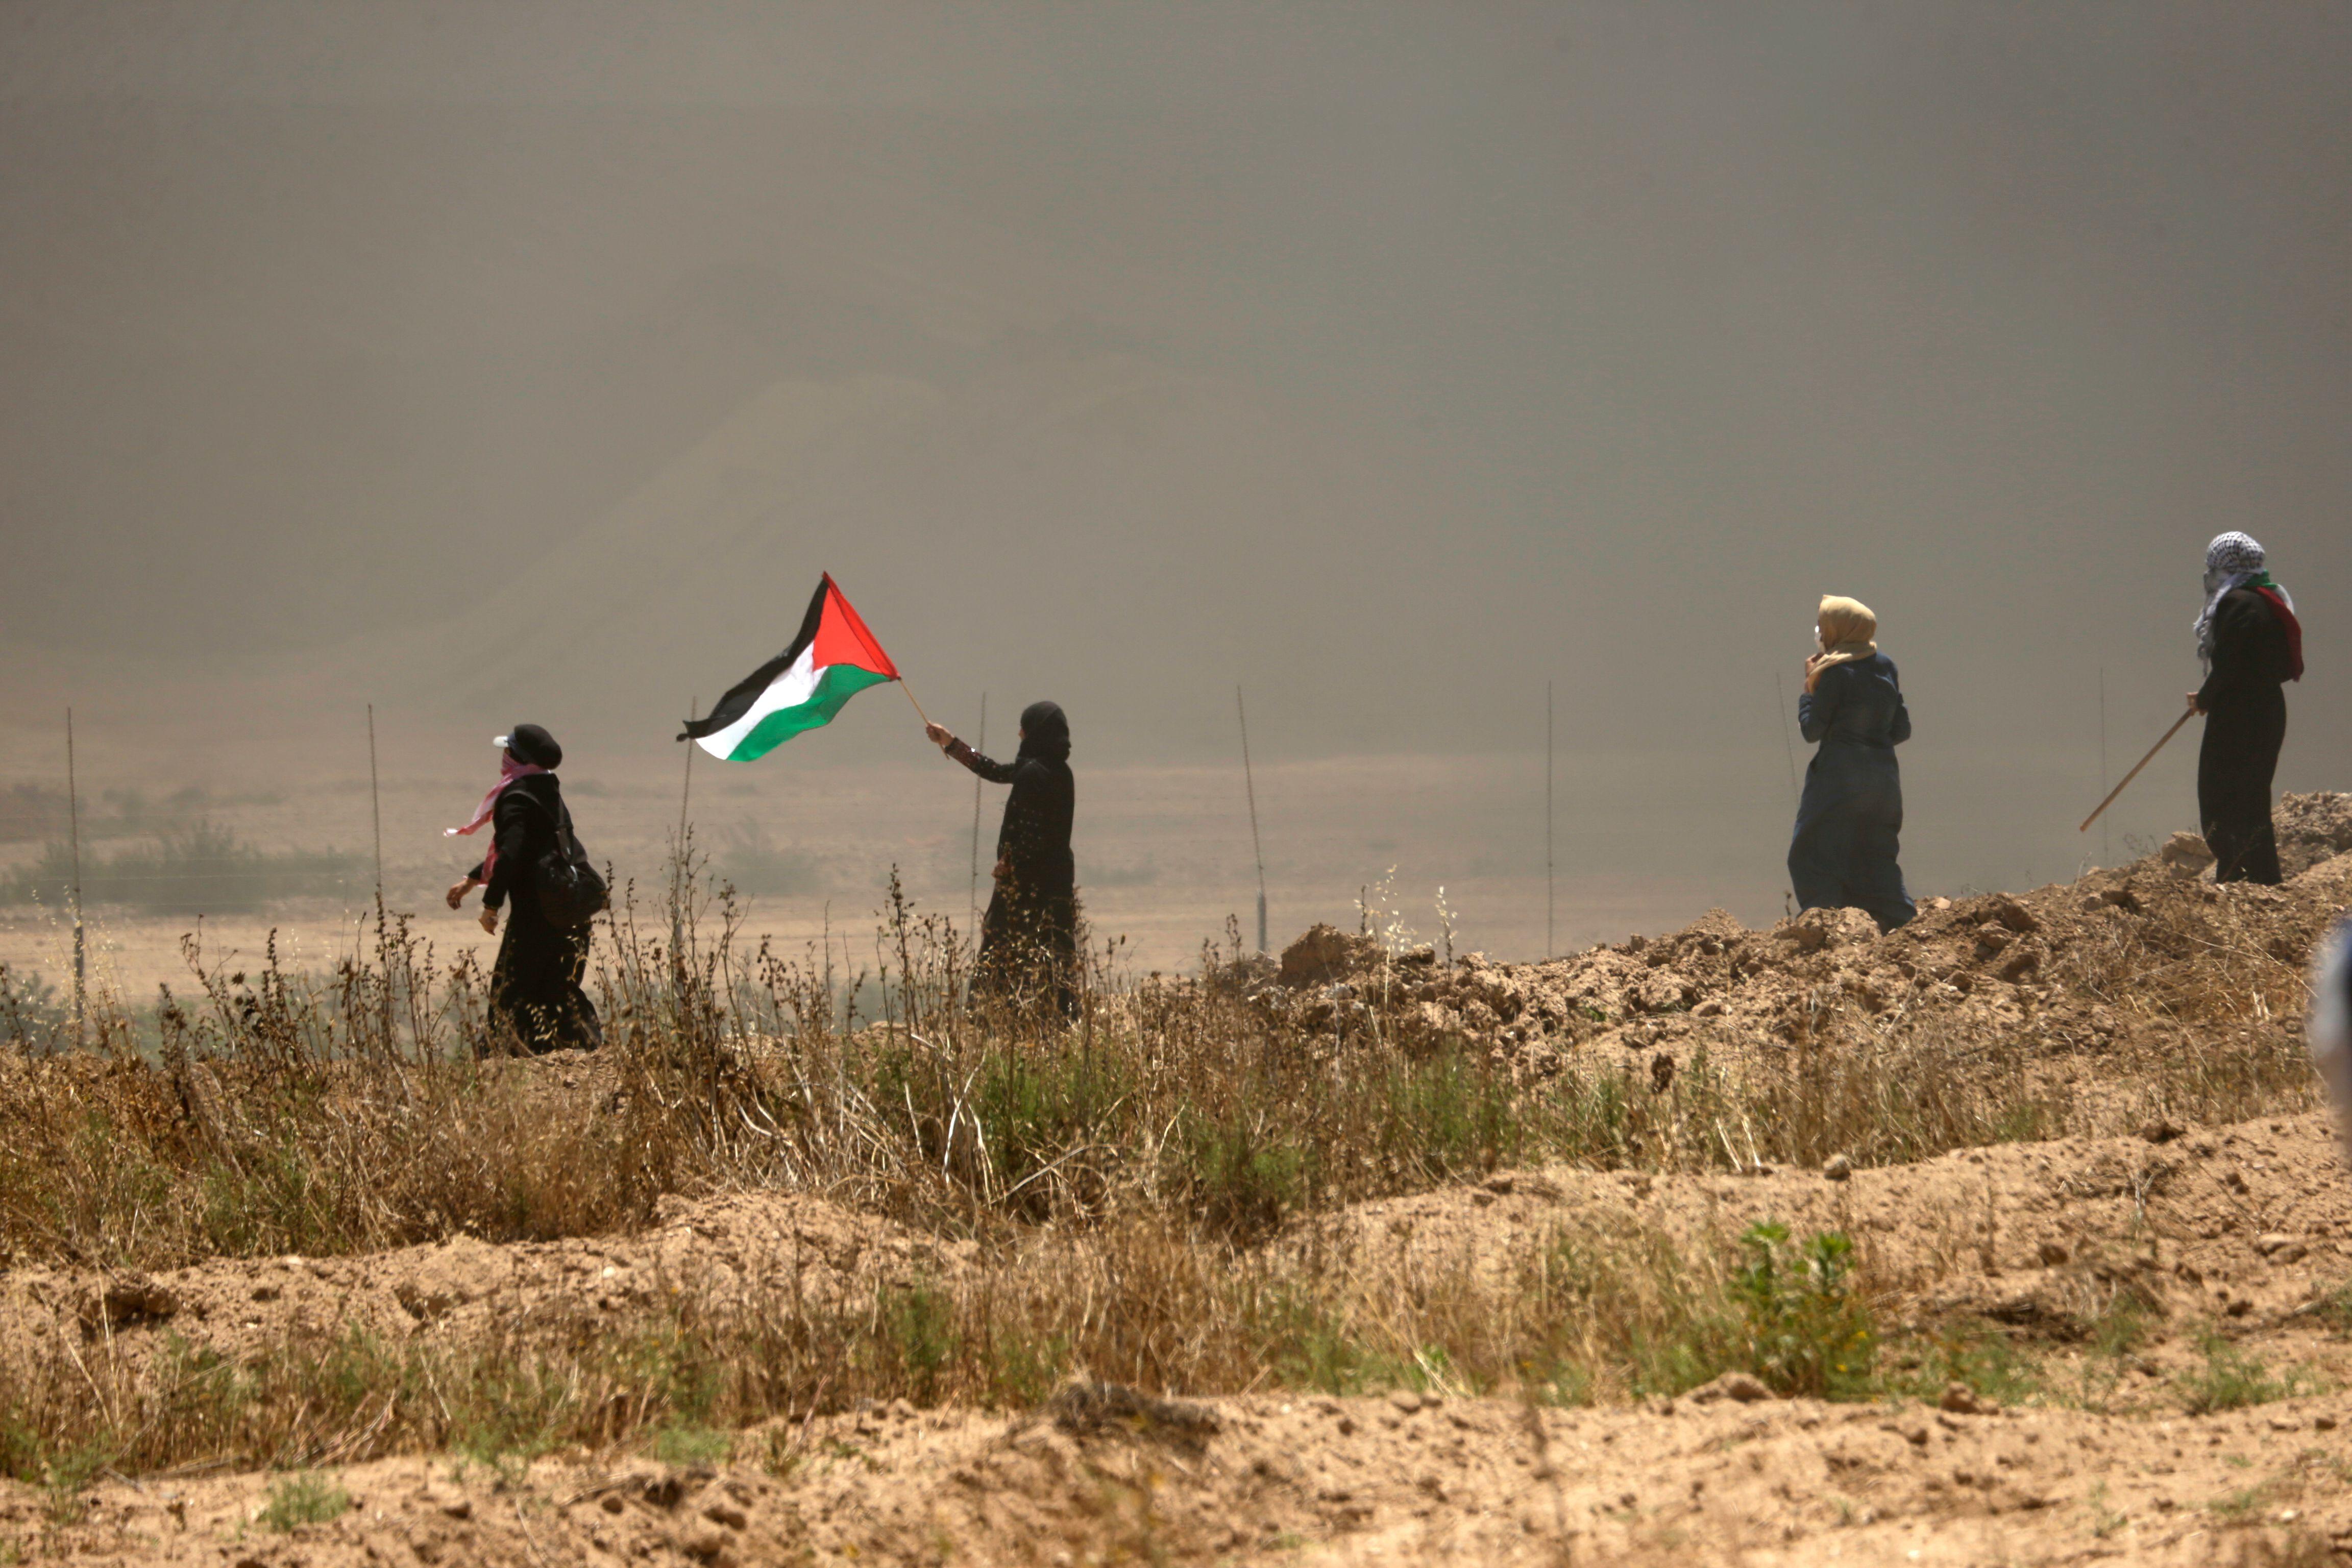 فلسطينيات يتظاهرن على حدود غزة فى مواجهة الاحتلال